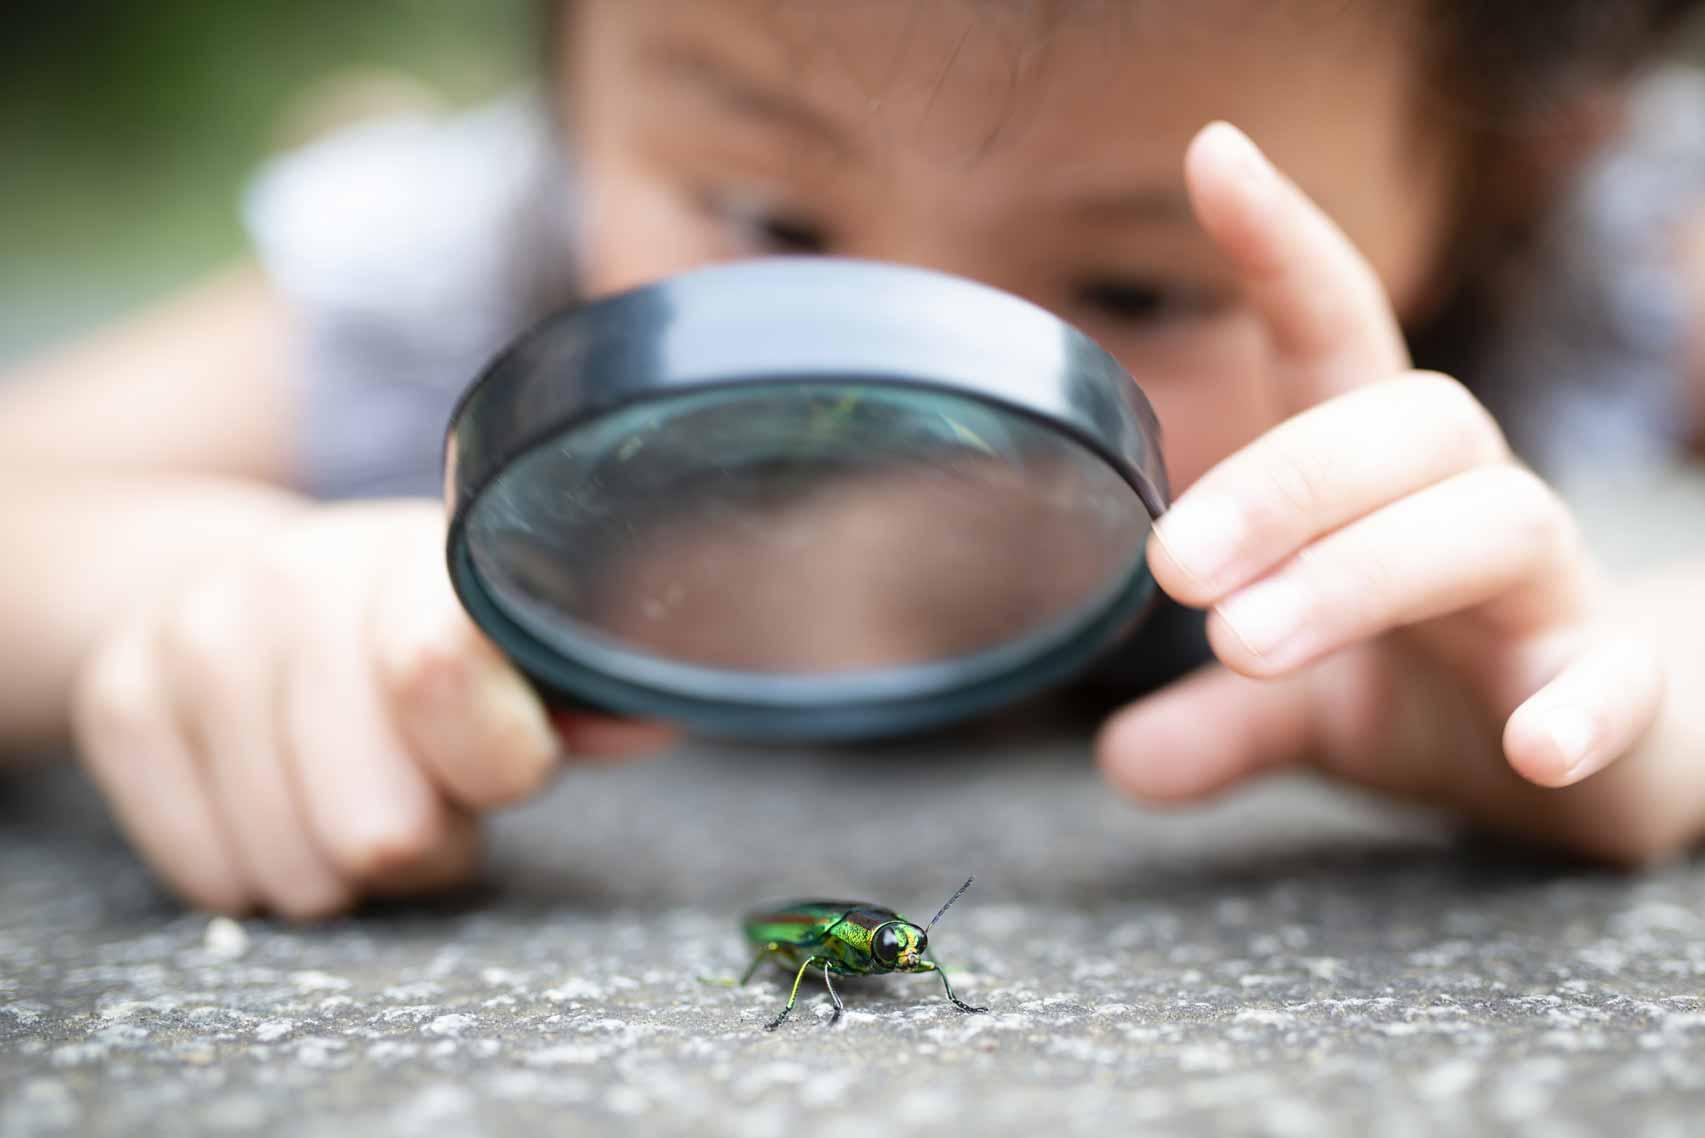 Ein kleines Kind untersucht einen Käfer mit einer Lupe.